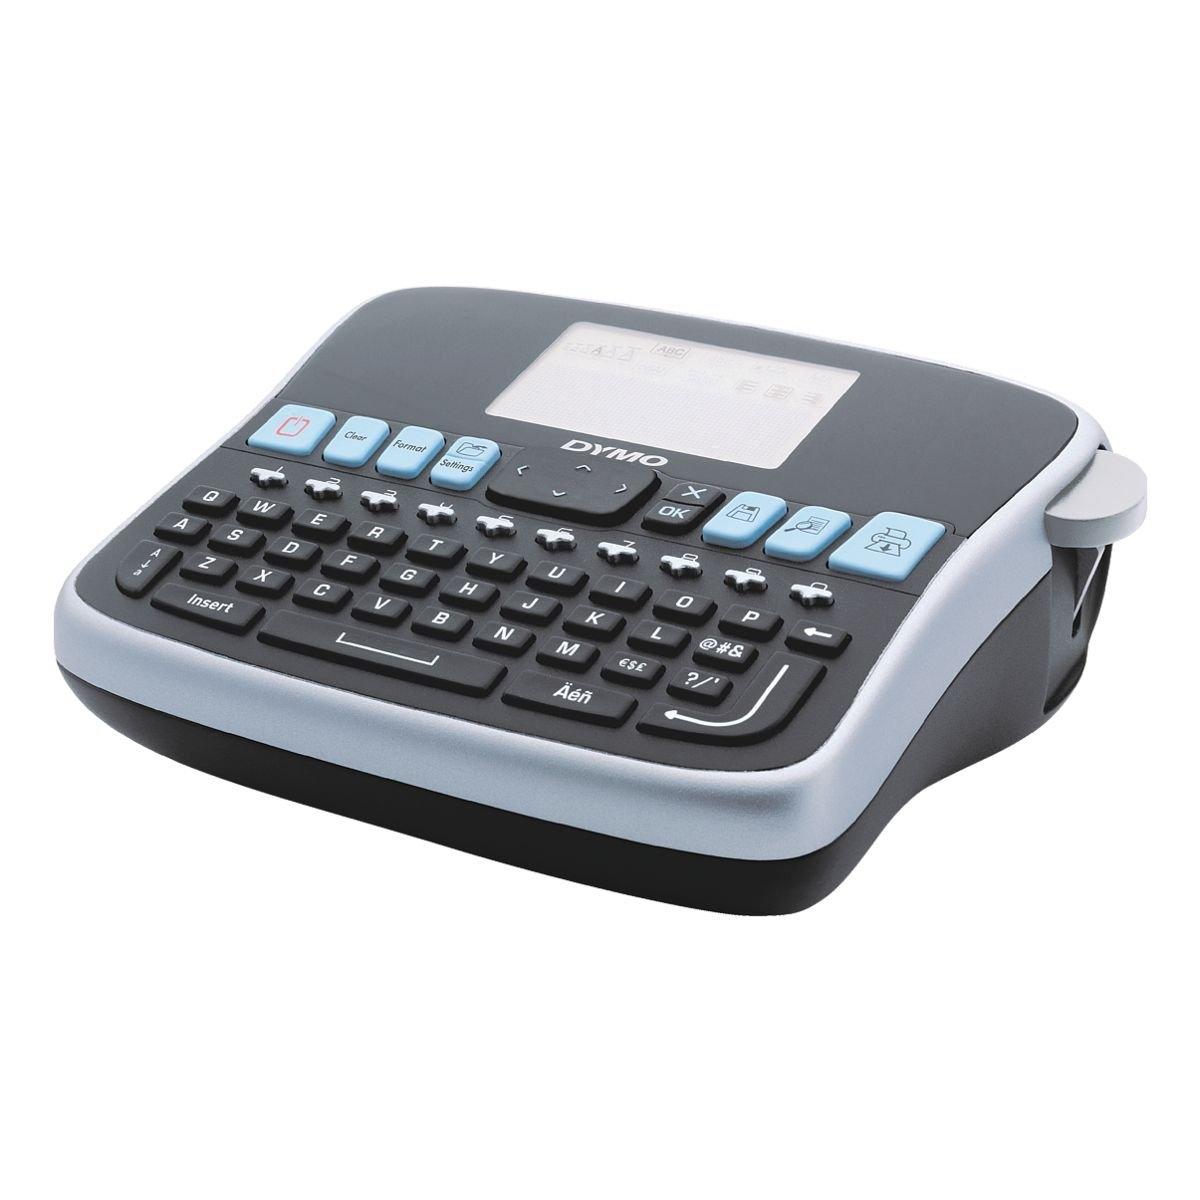 DYMO Labelprinter »LM 360D« bestellen: 30 dagen bedenktijd